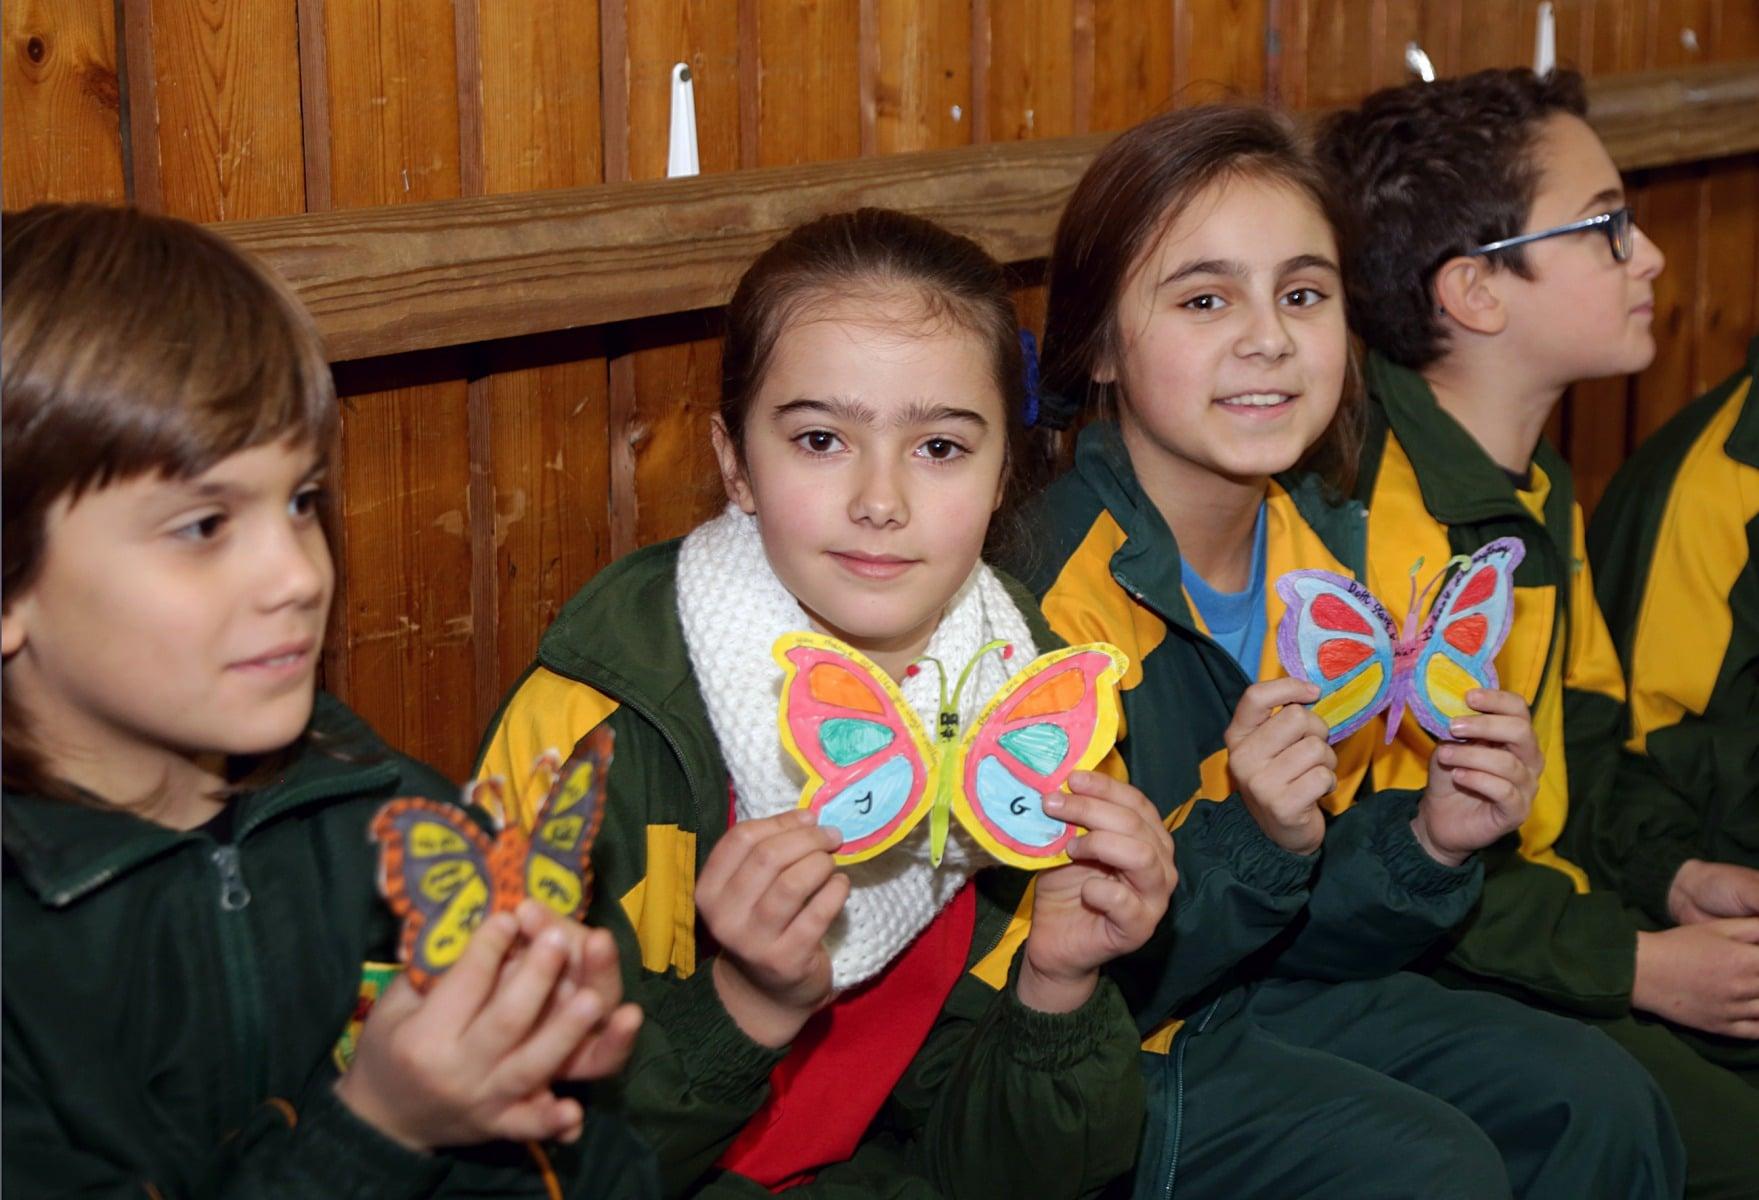 27-ene-17-alumnos-de-la-escuela-obispo-fitzgerald-de-gibraltar-conmemoran-el-holocausto_31742375143_o